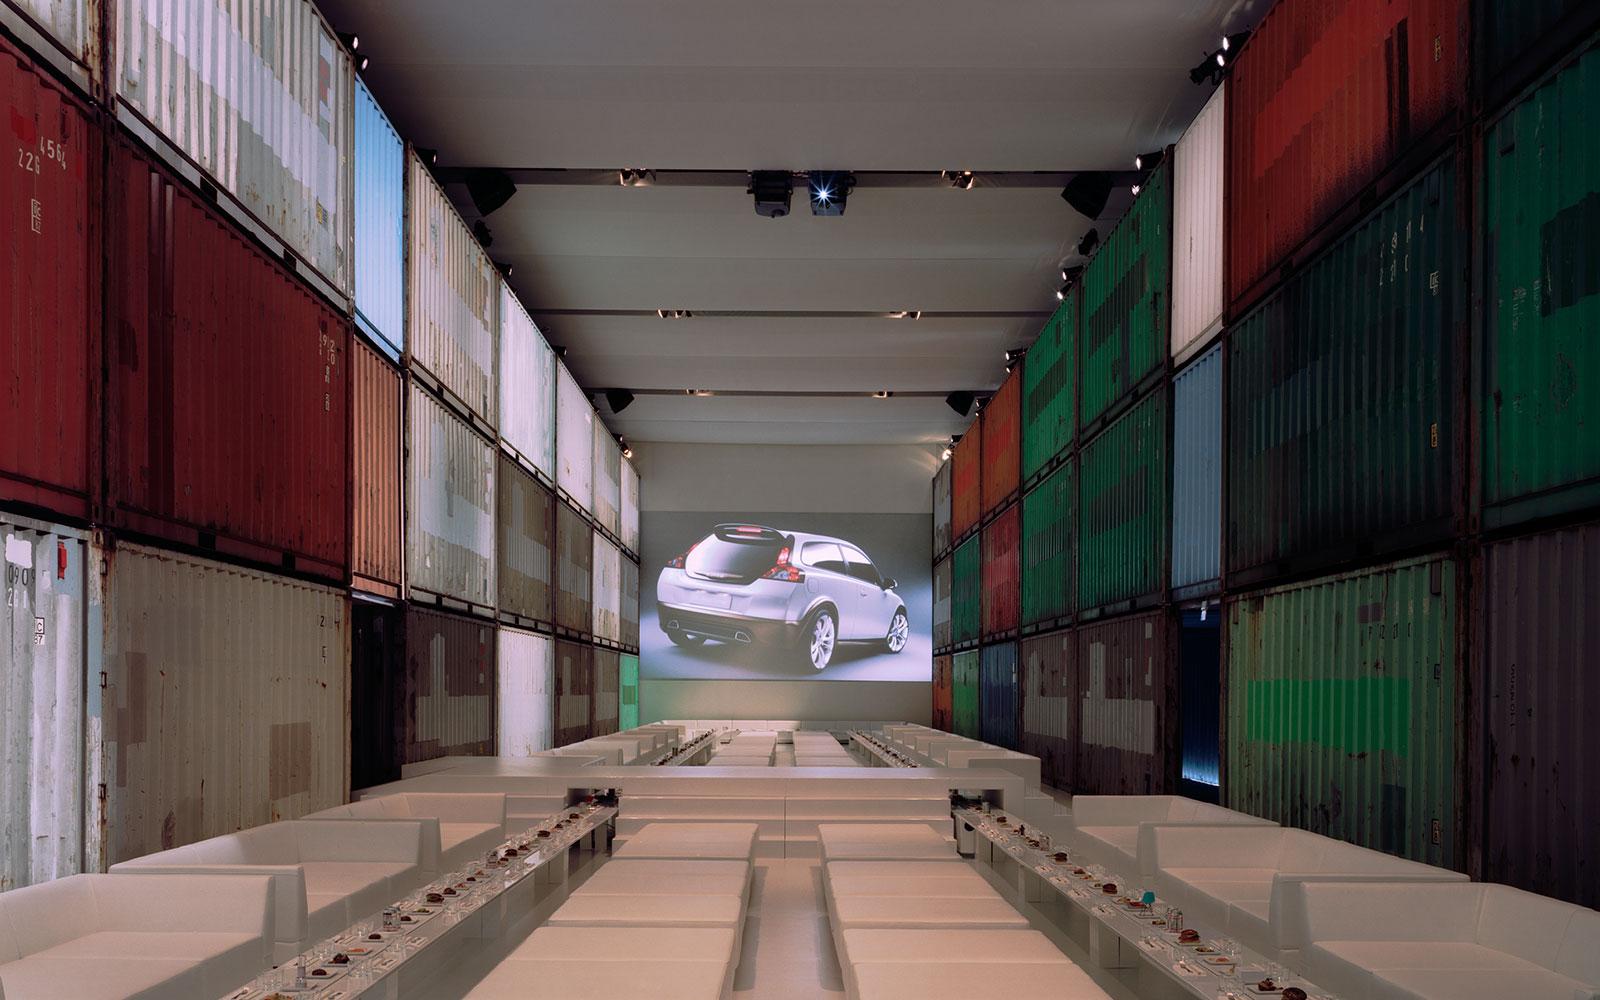 không gian hội nghị Volvo C30 được thiết kế đặc biệt bằng container